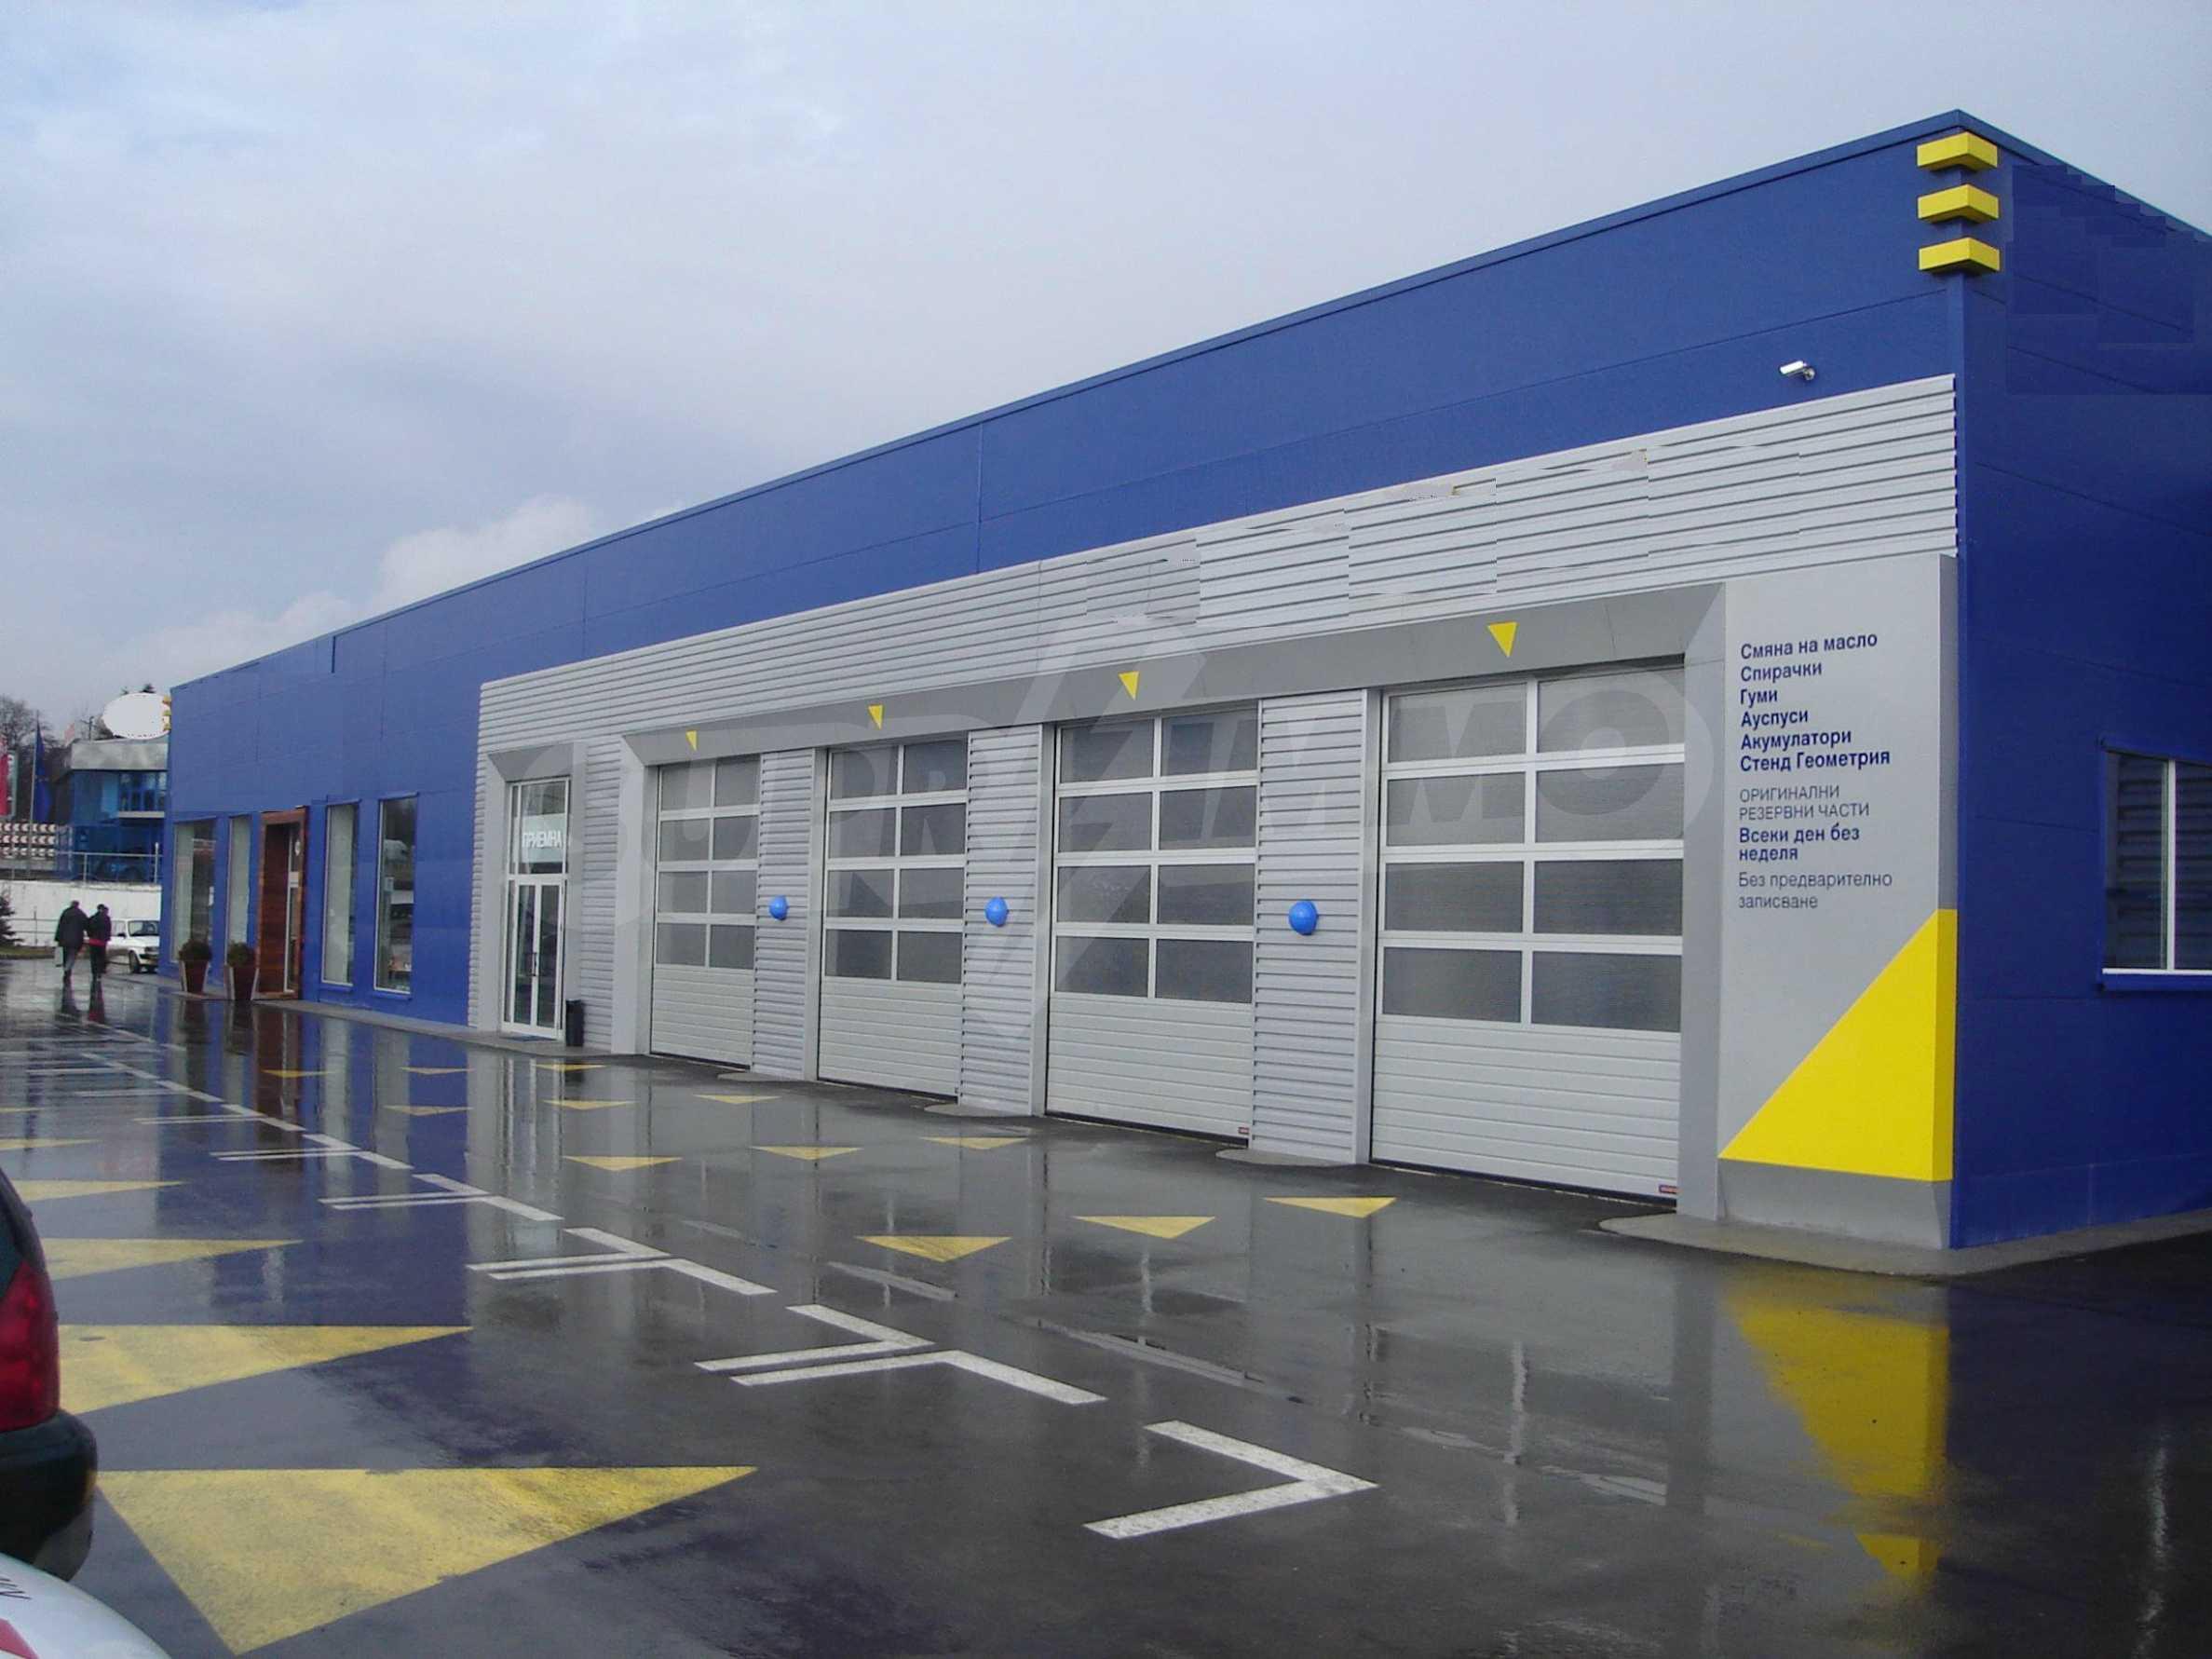 Gewerbe- und Dienstleistungskomplex im Stadtteil Mladost 1